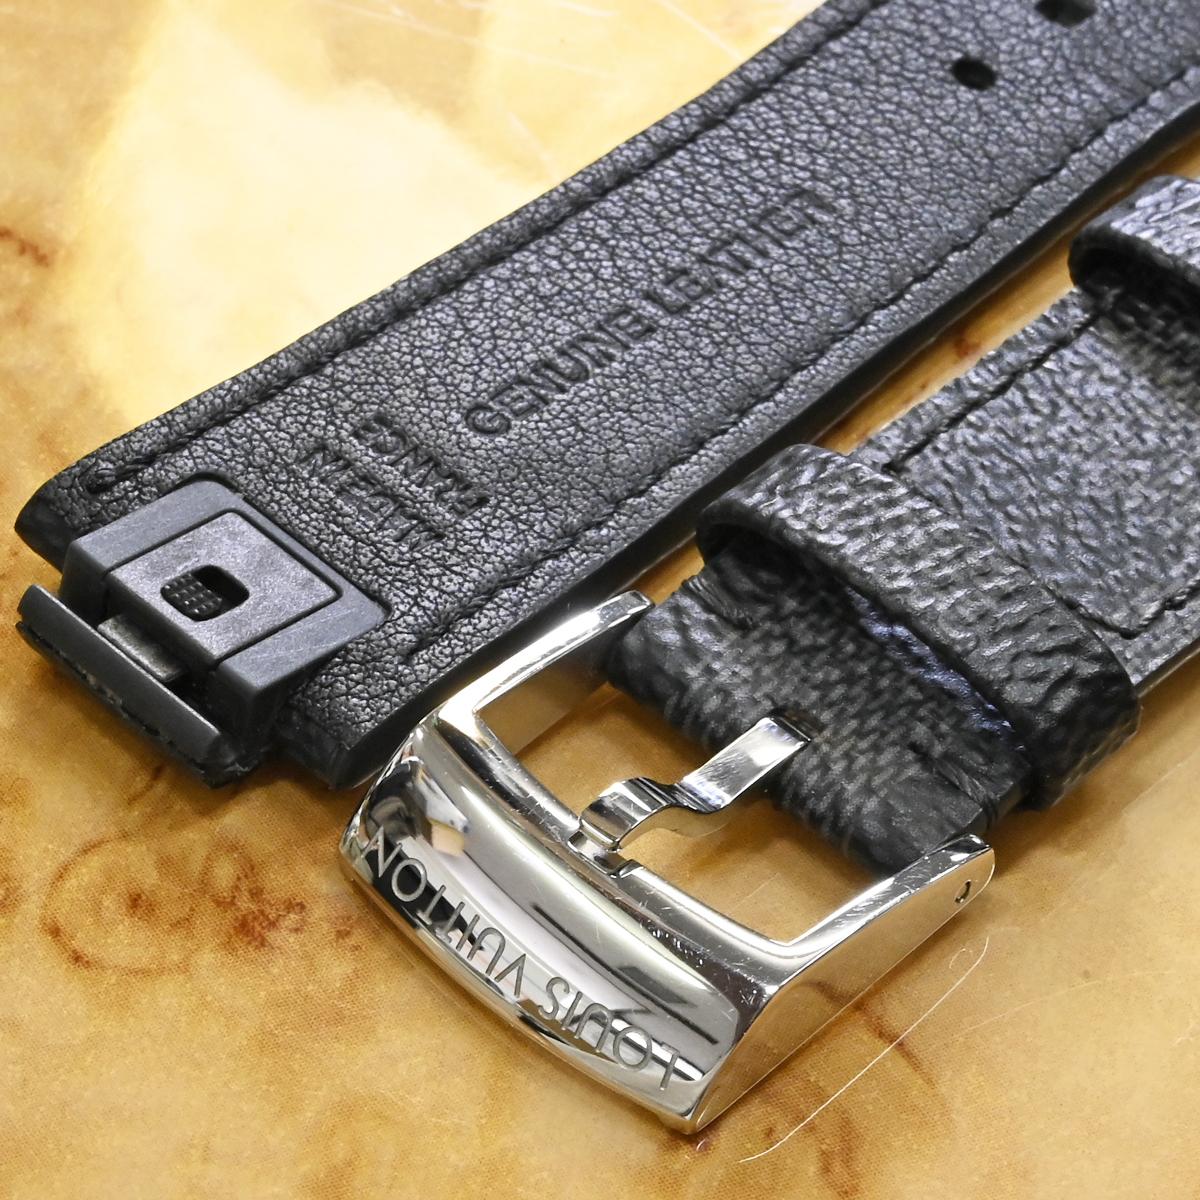 本物 超美品 ルイヴィトン 新型ワンタッチ リムーバブル ダミエ グラフィット ワールドツアー メンズ タンブール 腕時計 ウォッチベルト_画像3